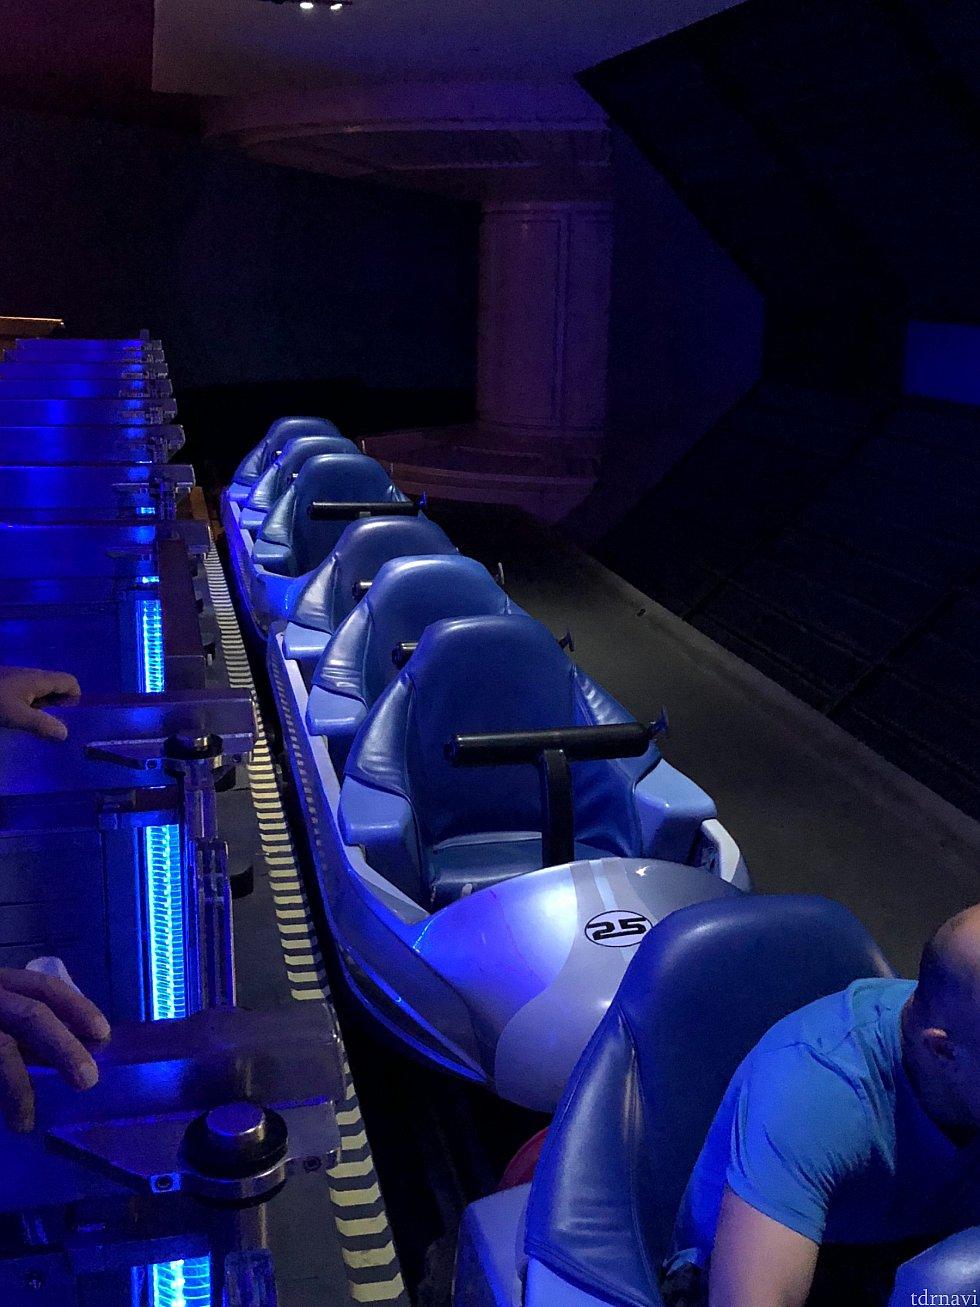 縦6人乗りのライドはココだけ! 席は浅く、T字のバーで固定されるだけなのでかなりコワイですw (というか実際コワイです...振り落とされるんじゃないかってレベルでした笑)